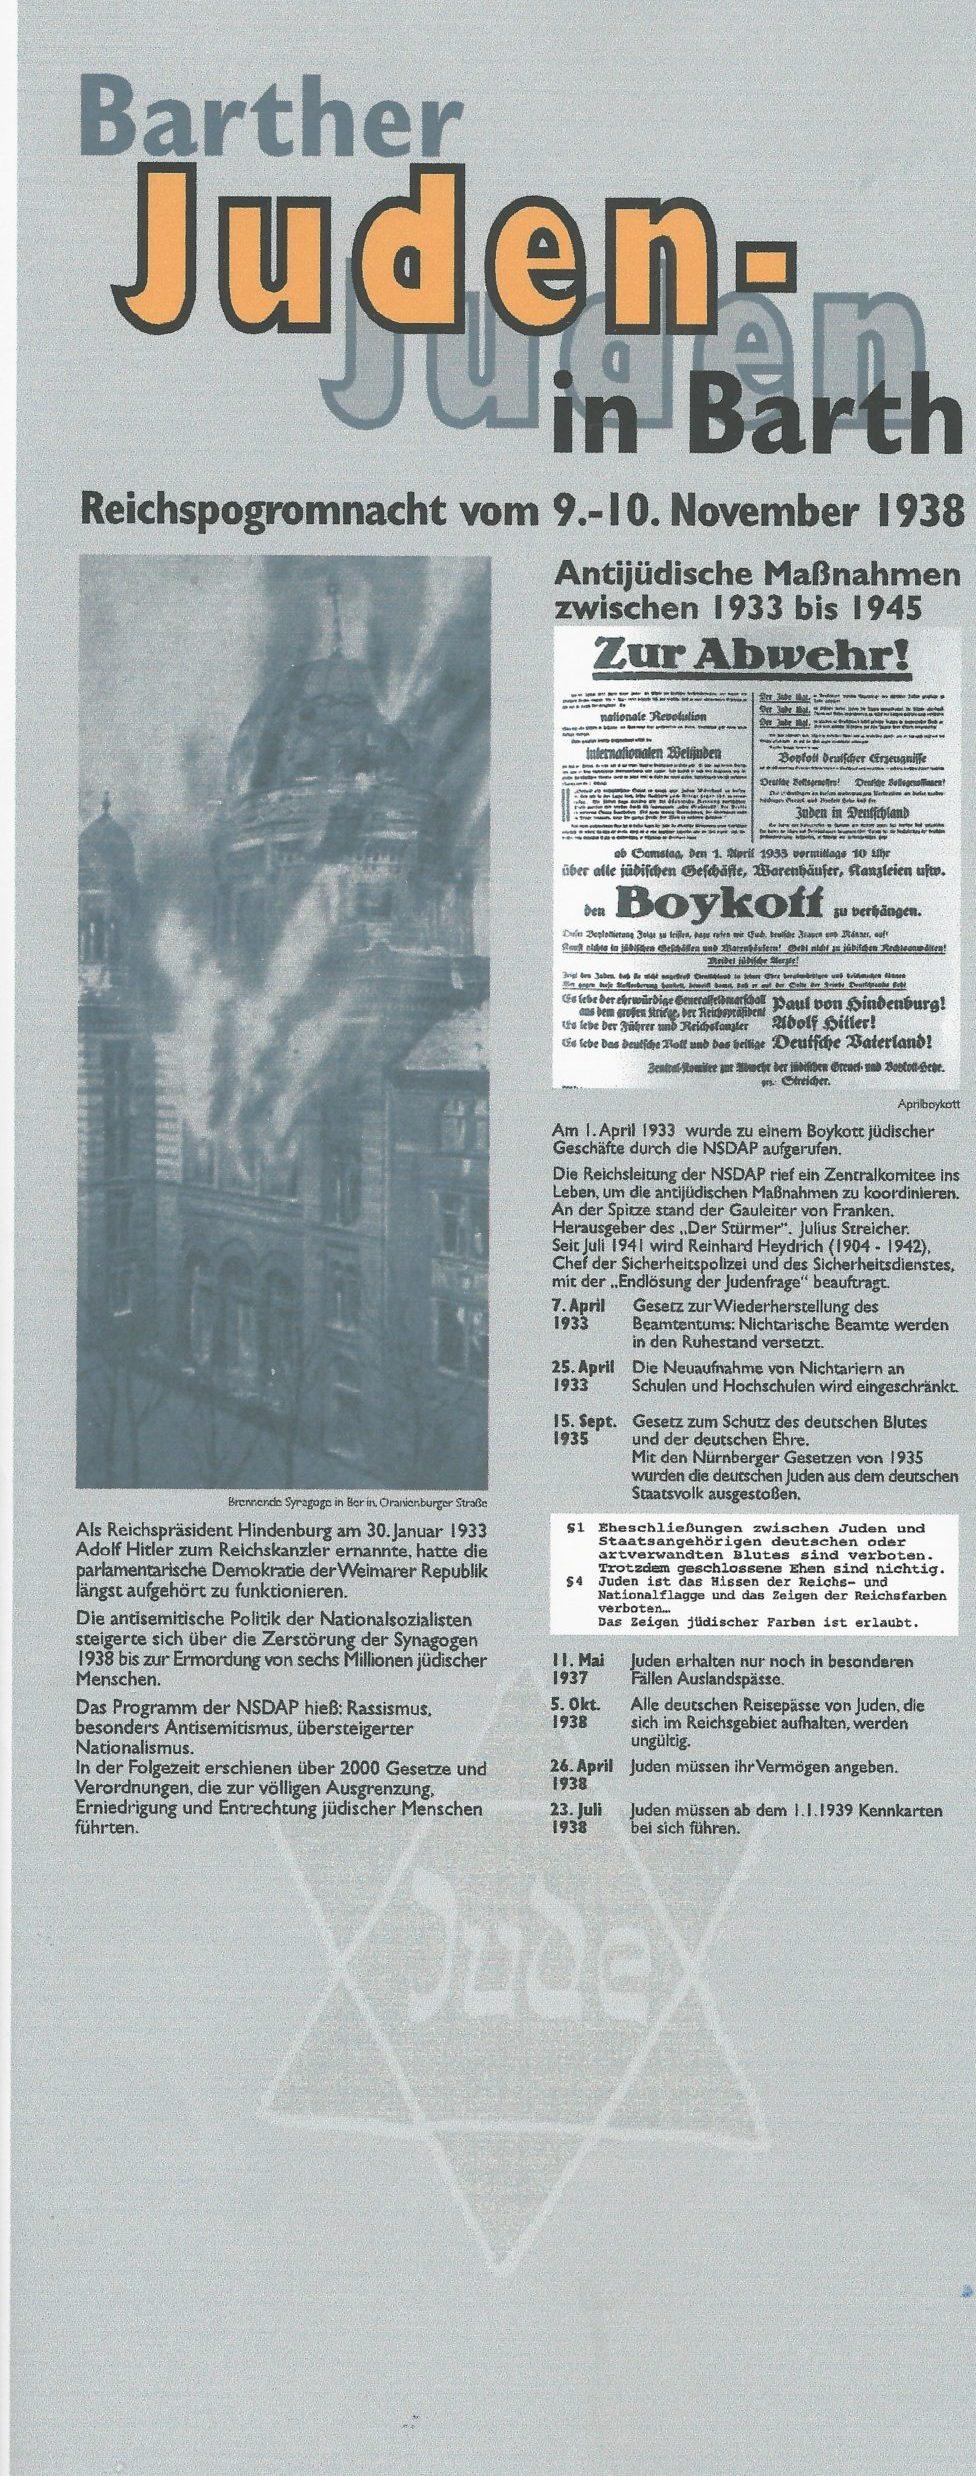 Reichspogromnacht in Barth